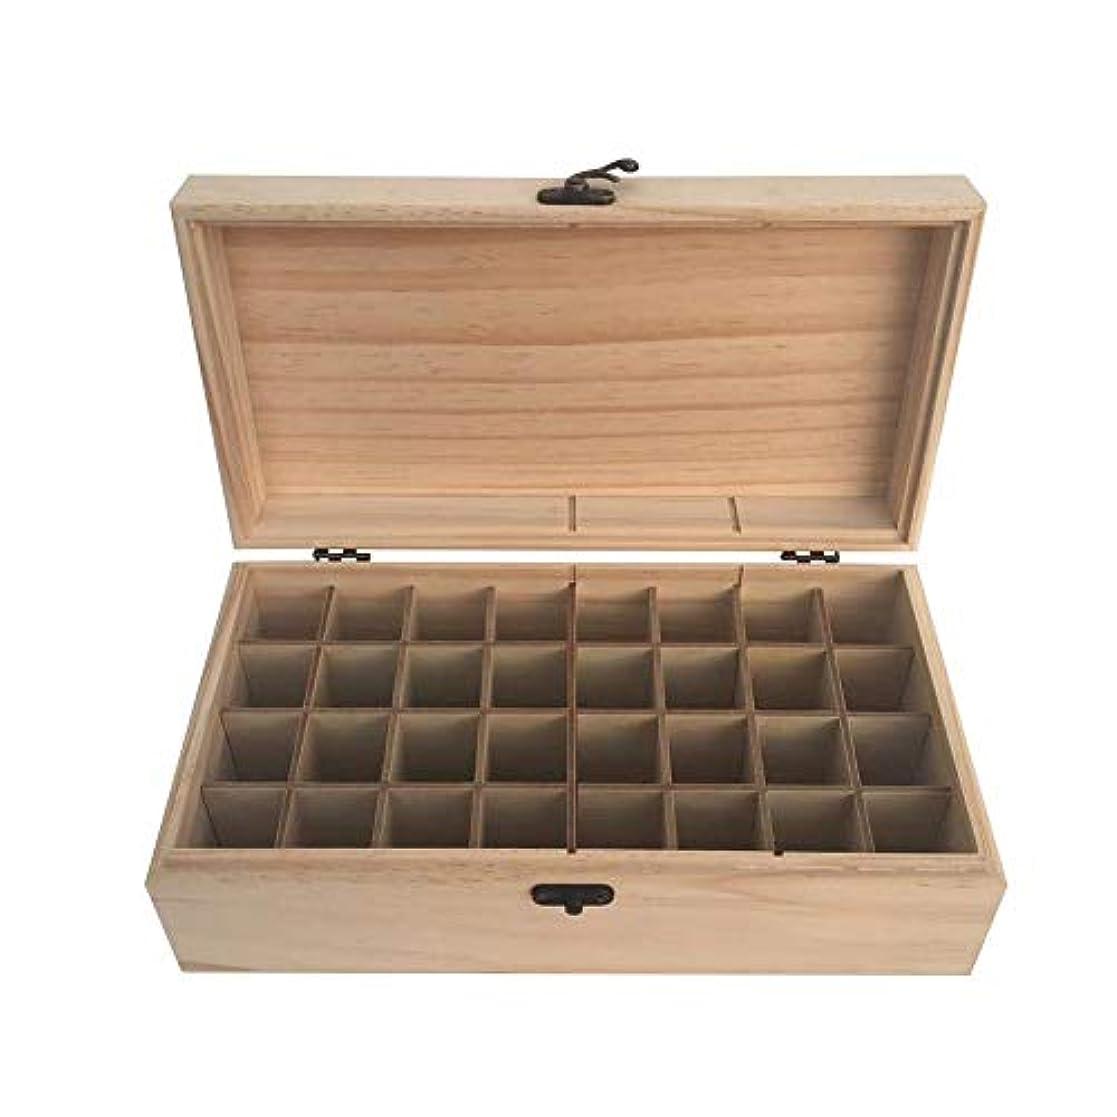 事前にハイライト独立してエッセンシャルオイル収納ボックス 精油収納ケース 大容量 32本収納可能 取り外し可能 木製 環境に優しい 5ml~15mlの精油ボルトに対応 junexi